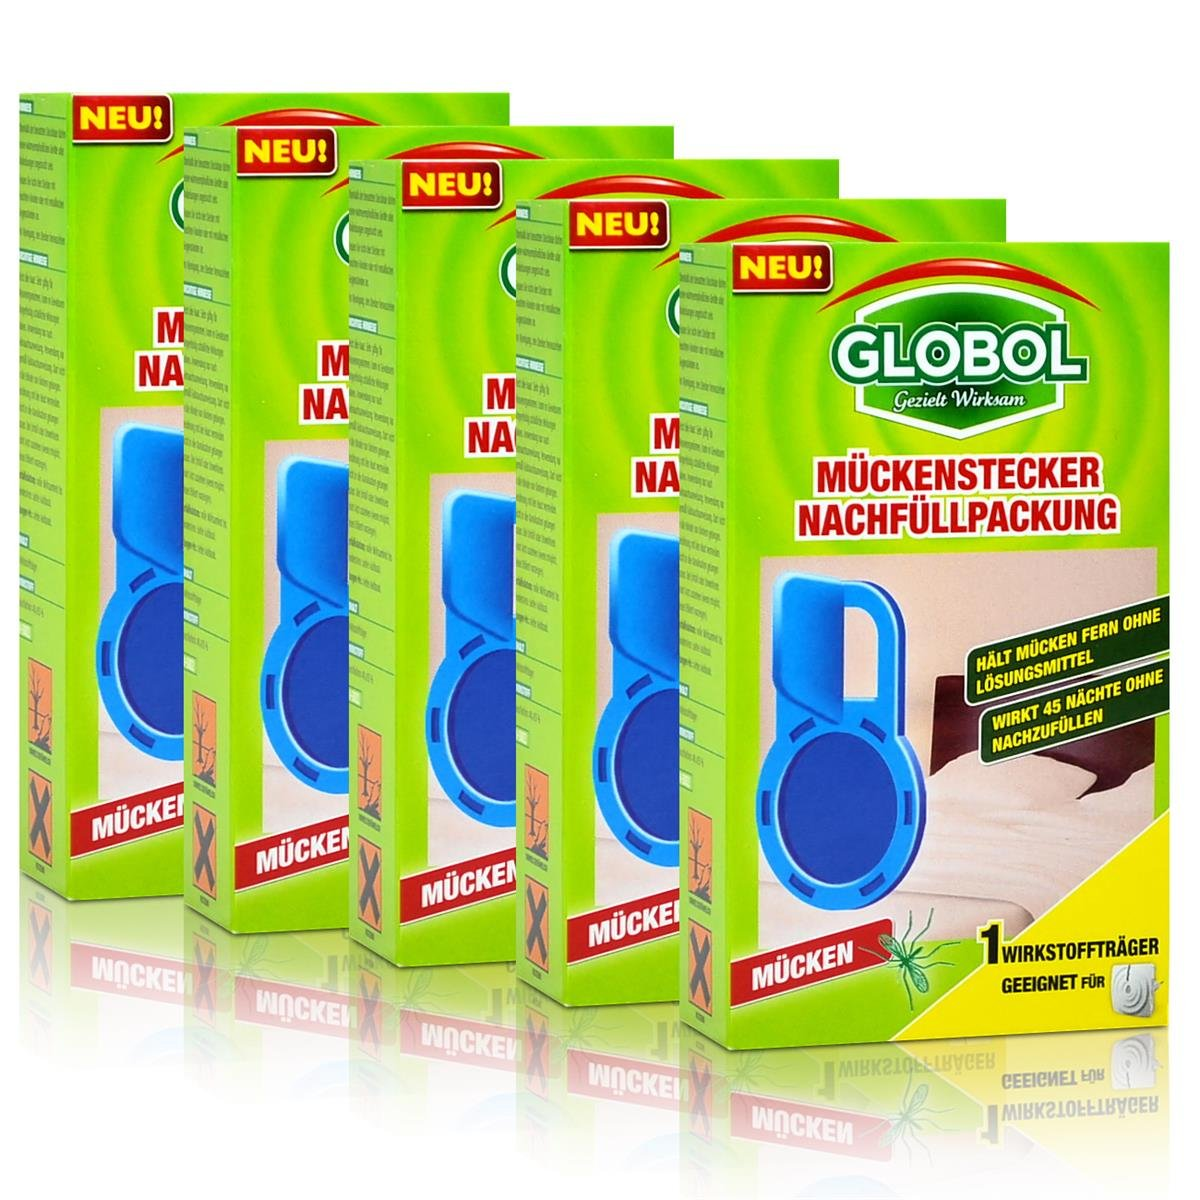 5x Globol Mückenstecker Nachfüllpackung - Wirkt 45 Nächte ohne nachzufüllen